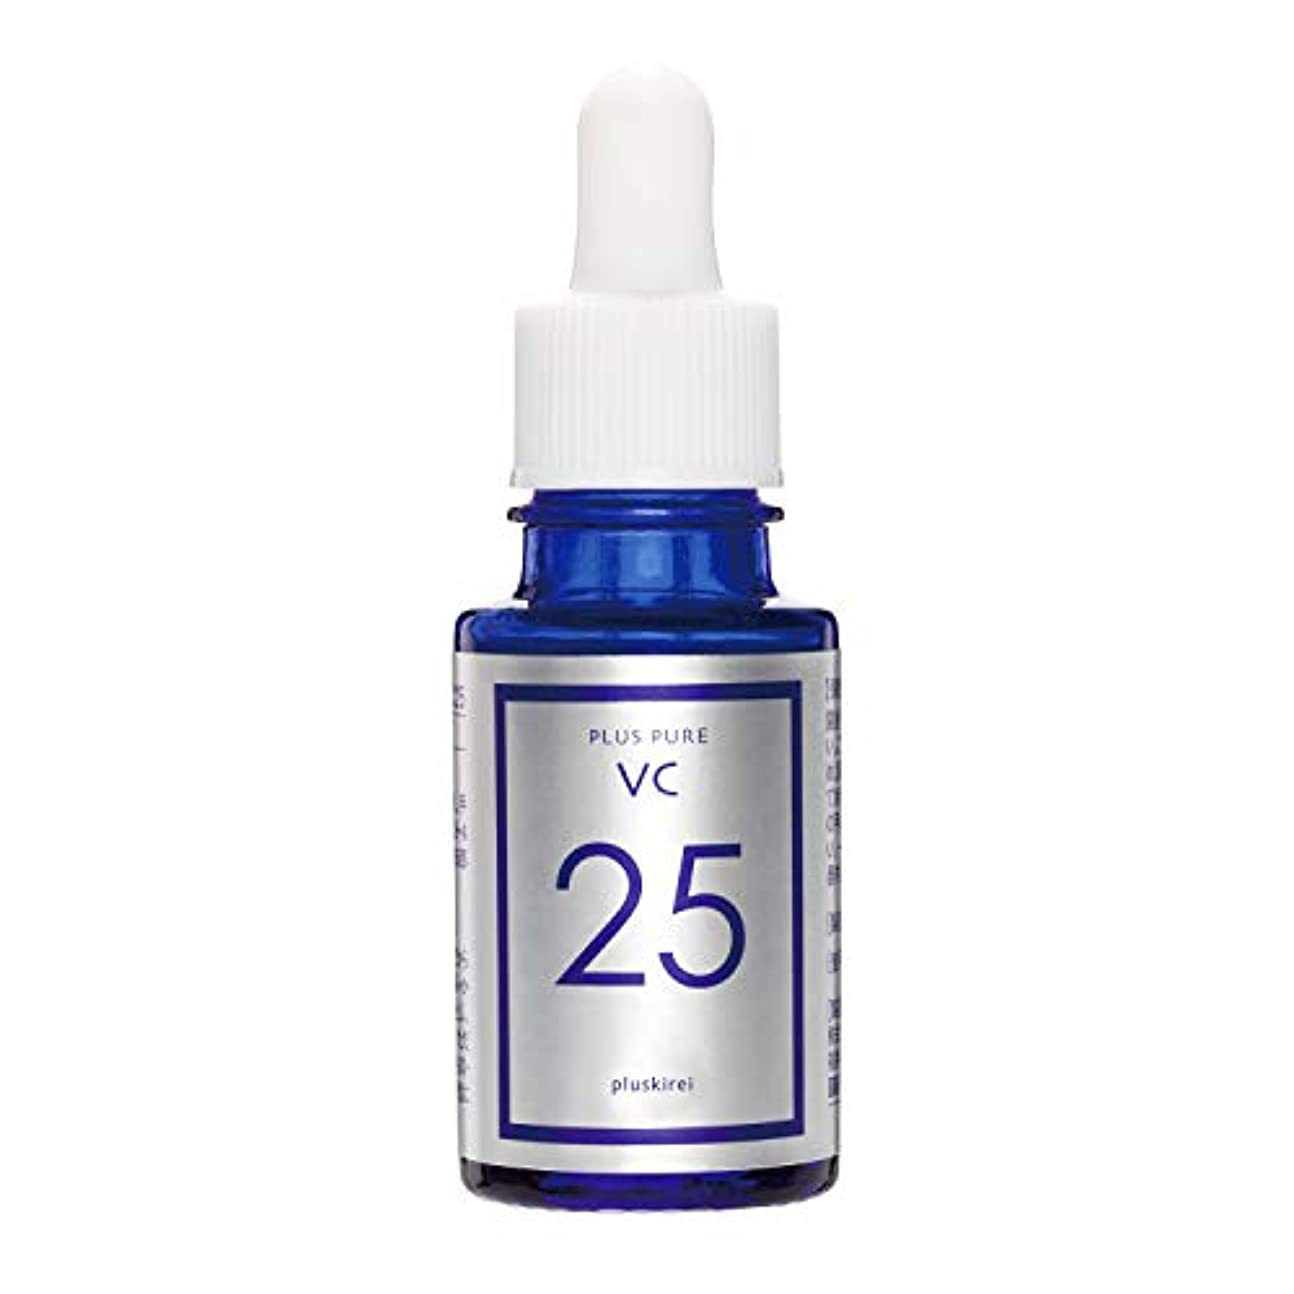 キャンドルブランク寝具プラスピュアVC25 ピュアビタミンC25%配合 両親媒性美容液 10mL 約1?月分